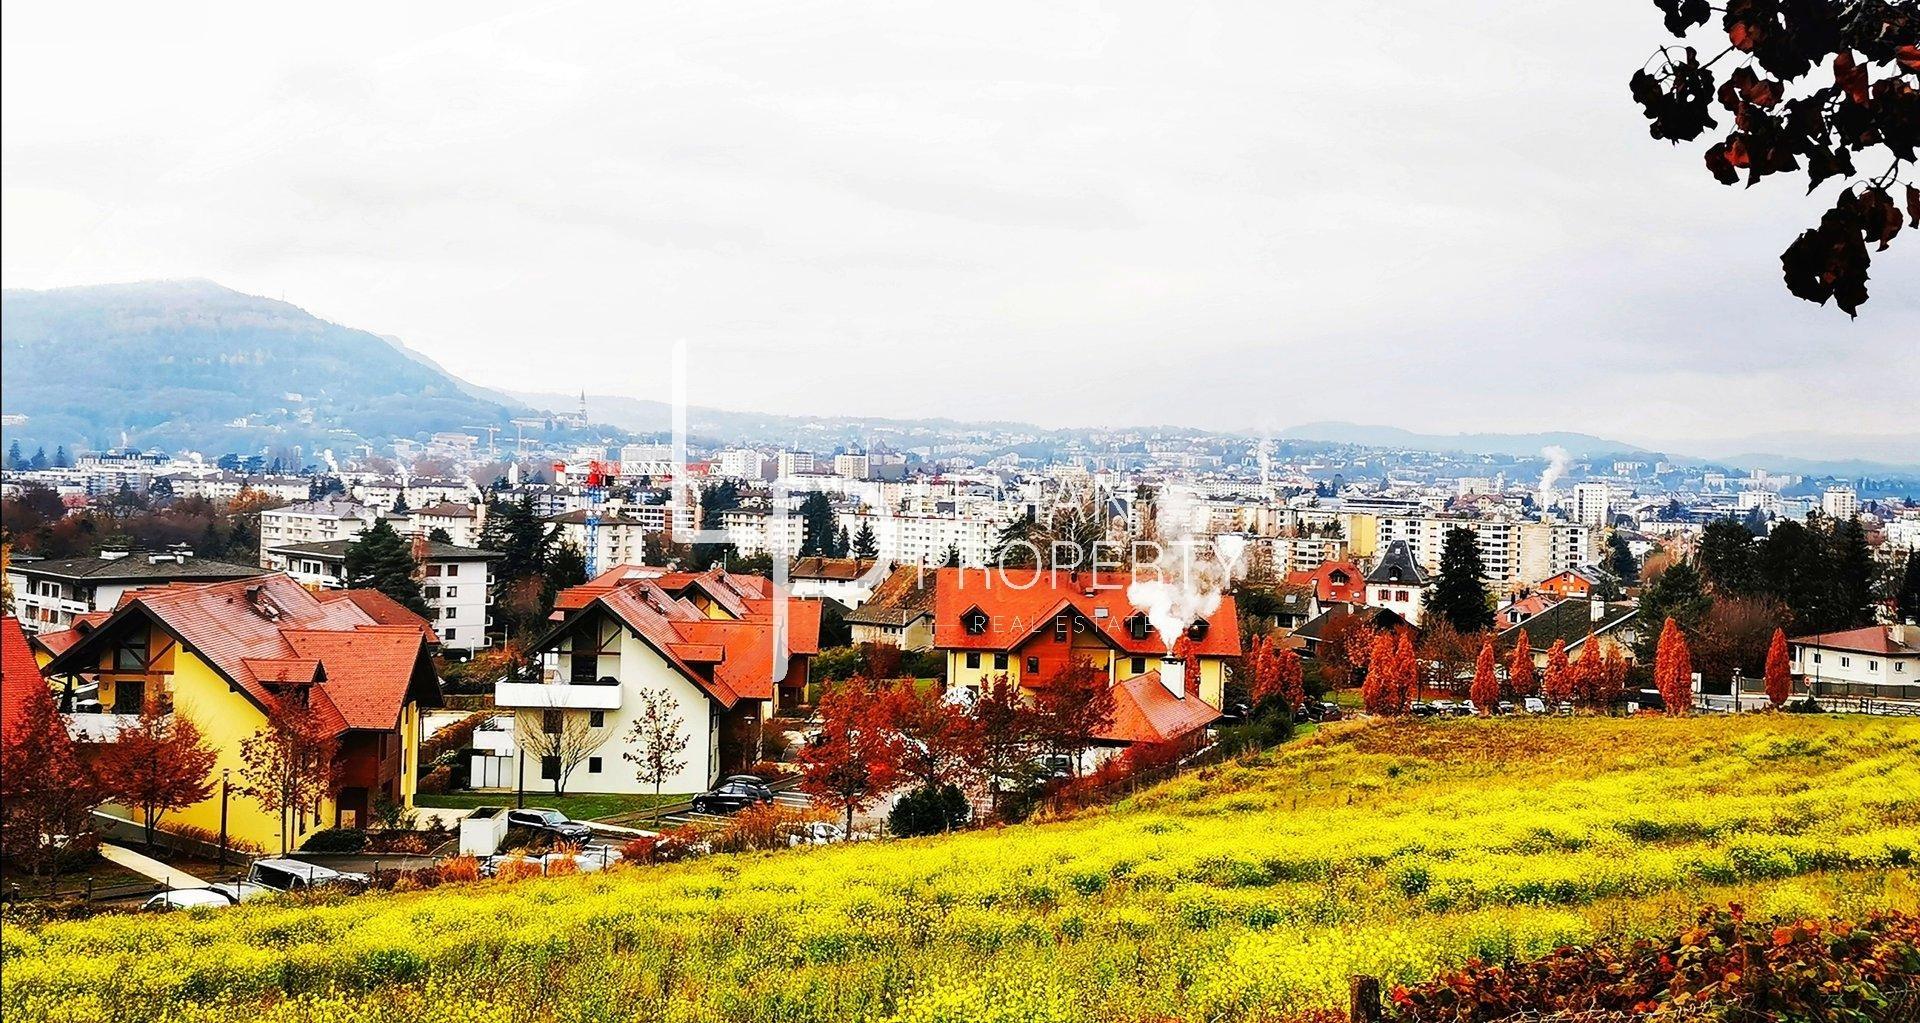 Vente de appartement à Annecy au prix de 262000€